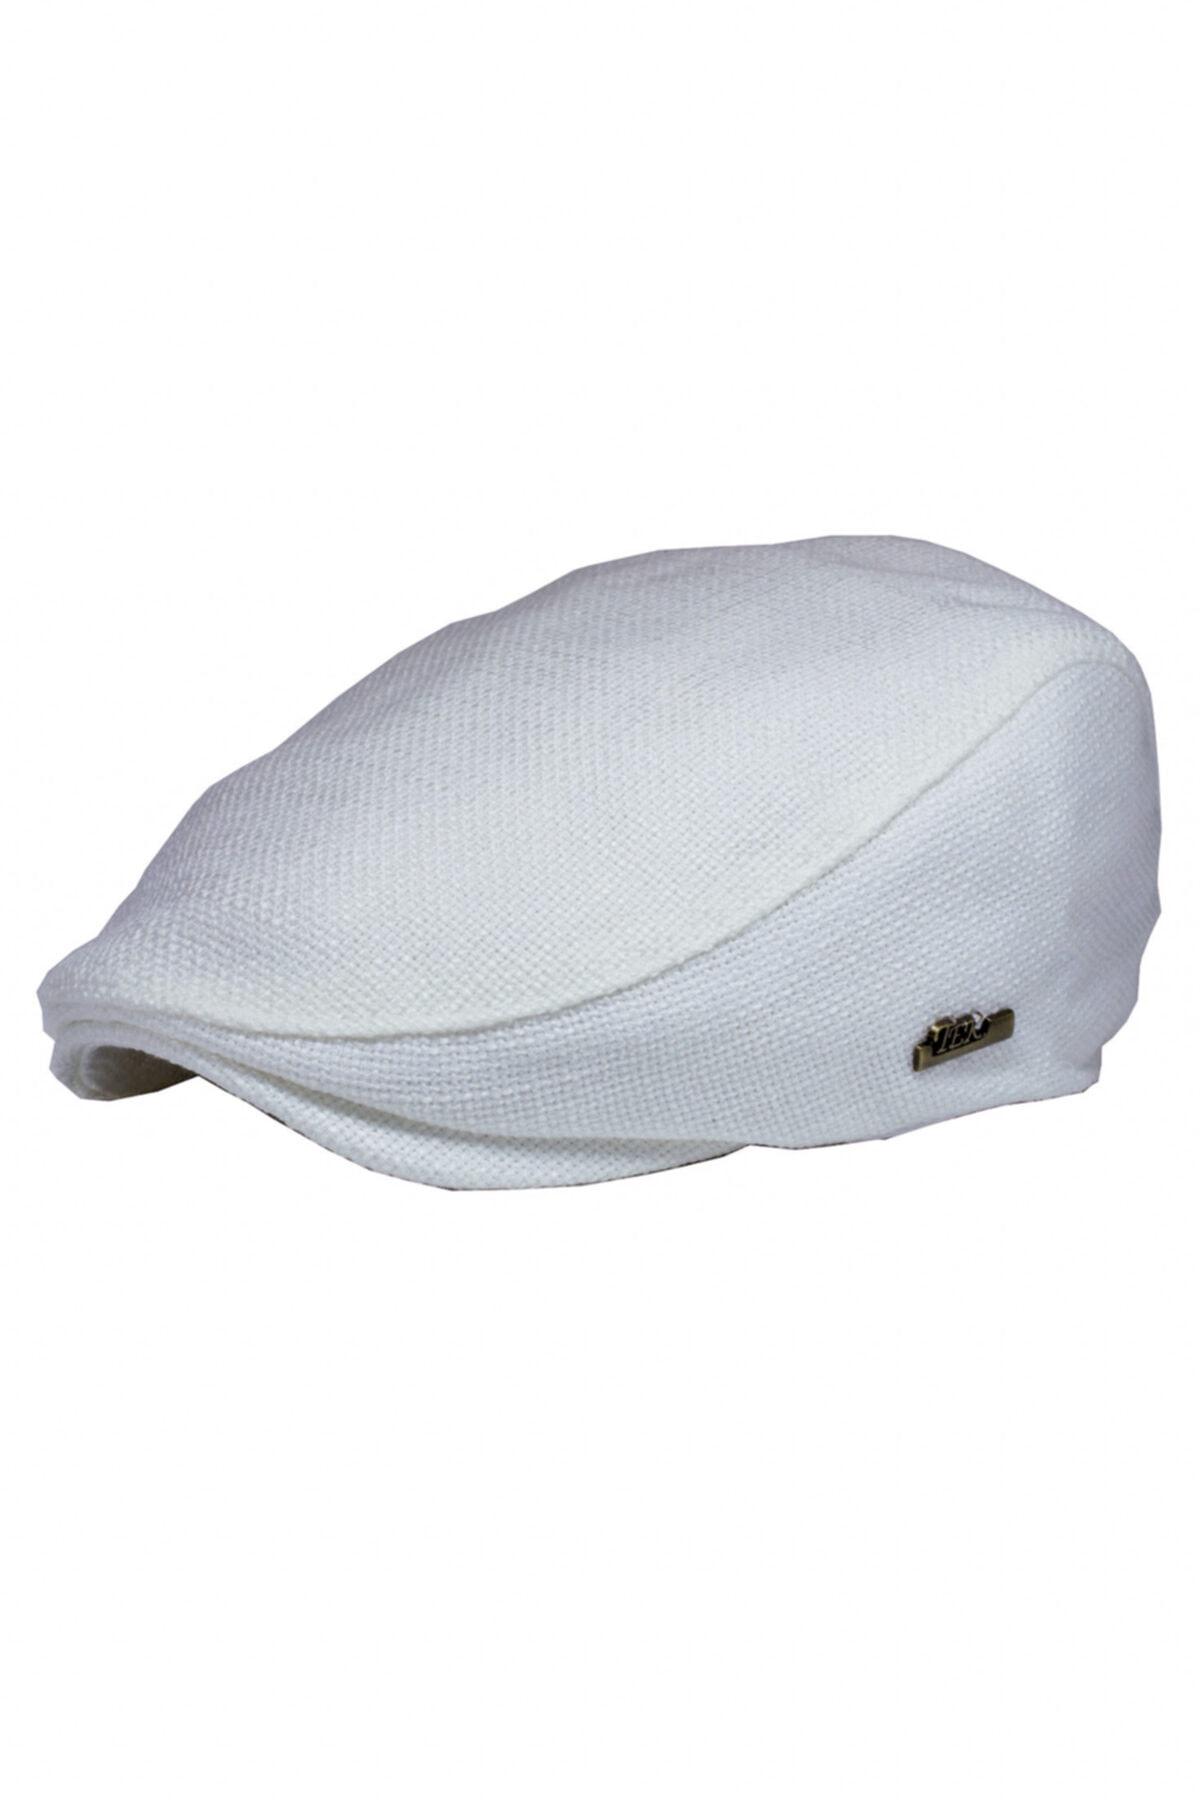 فروش پستی ست کلاه مردانه برند Armalı Şapka کد ty109490935